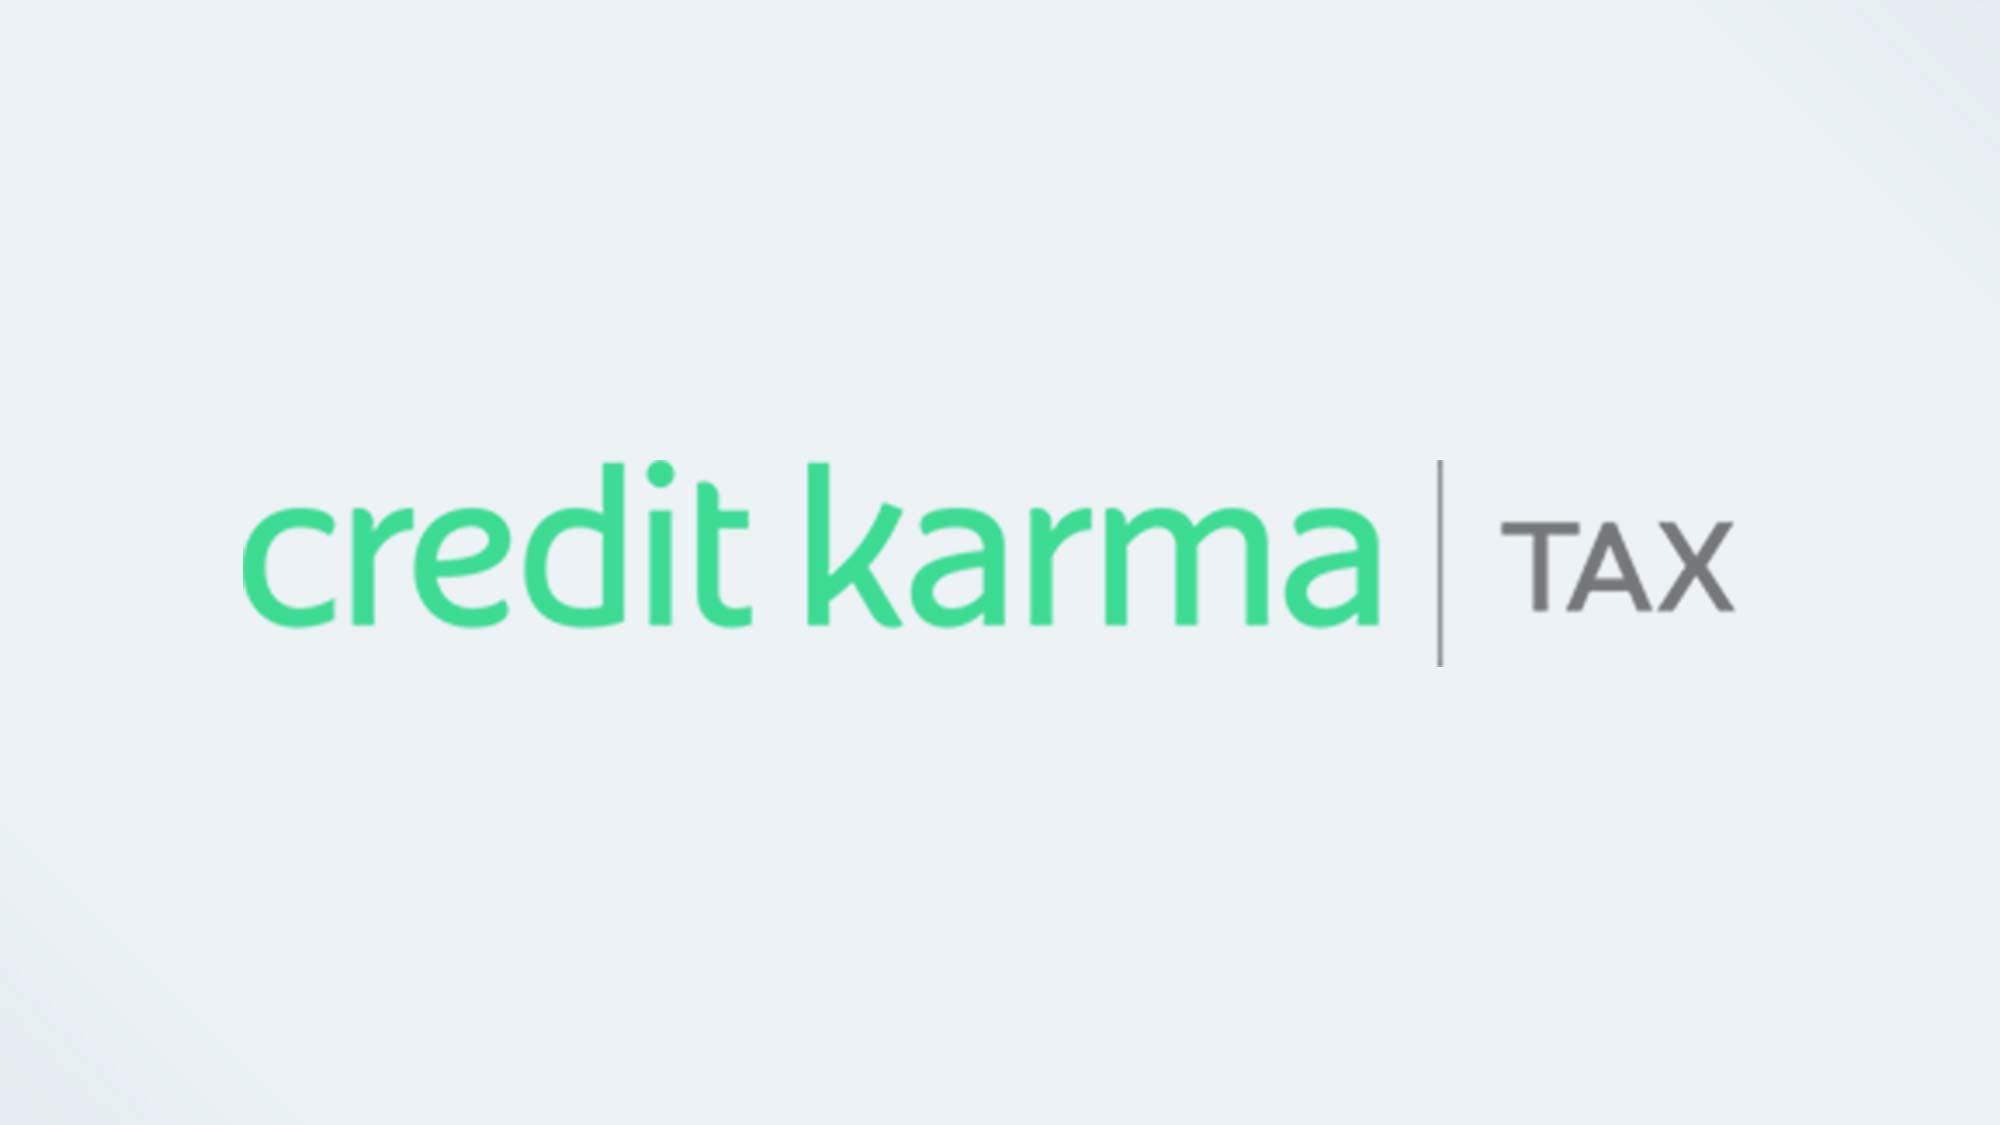 Best tax software: CreditKarma Tax